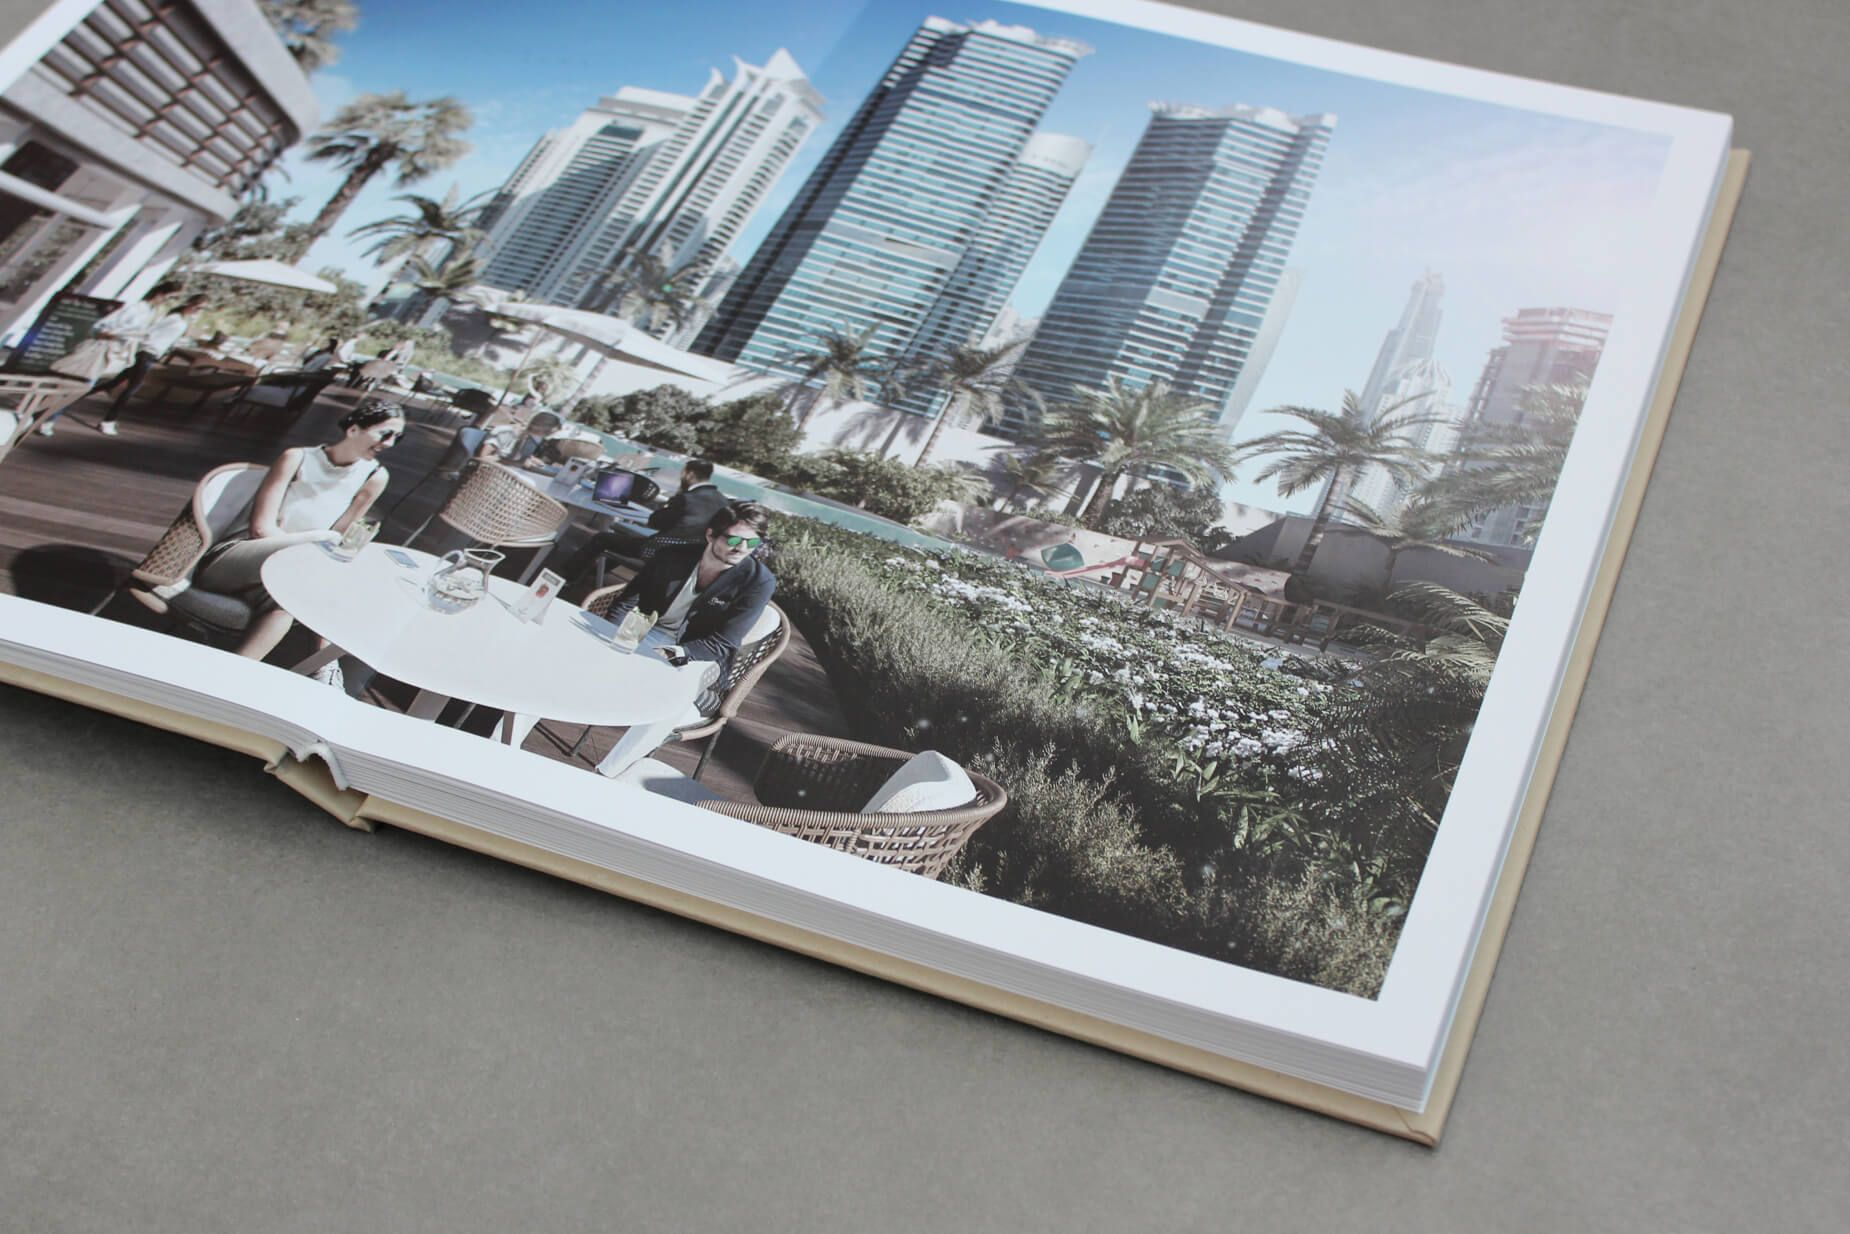 banyan-book-cover-9.jpg